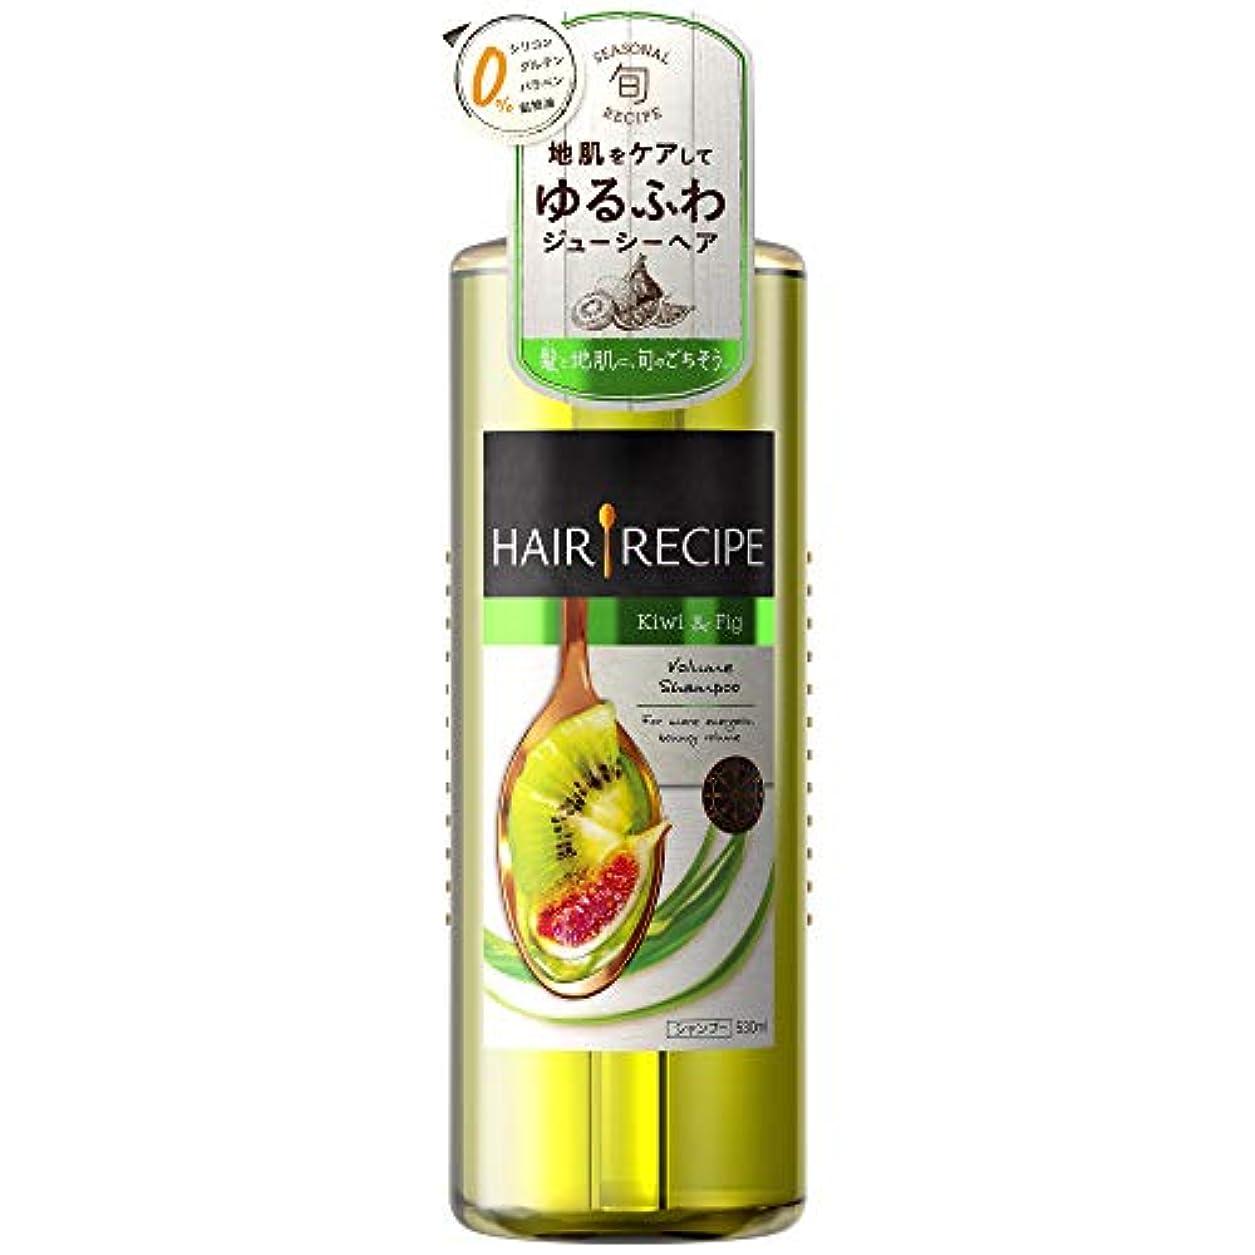 怠血まみれのカフェヘアレシピ シャンプー キウイ エンパワーボリュームレシピ ポンプ 530mL